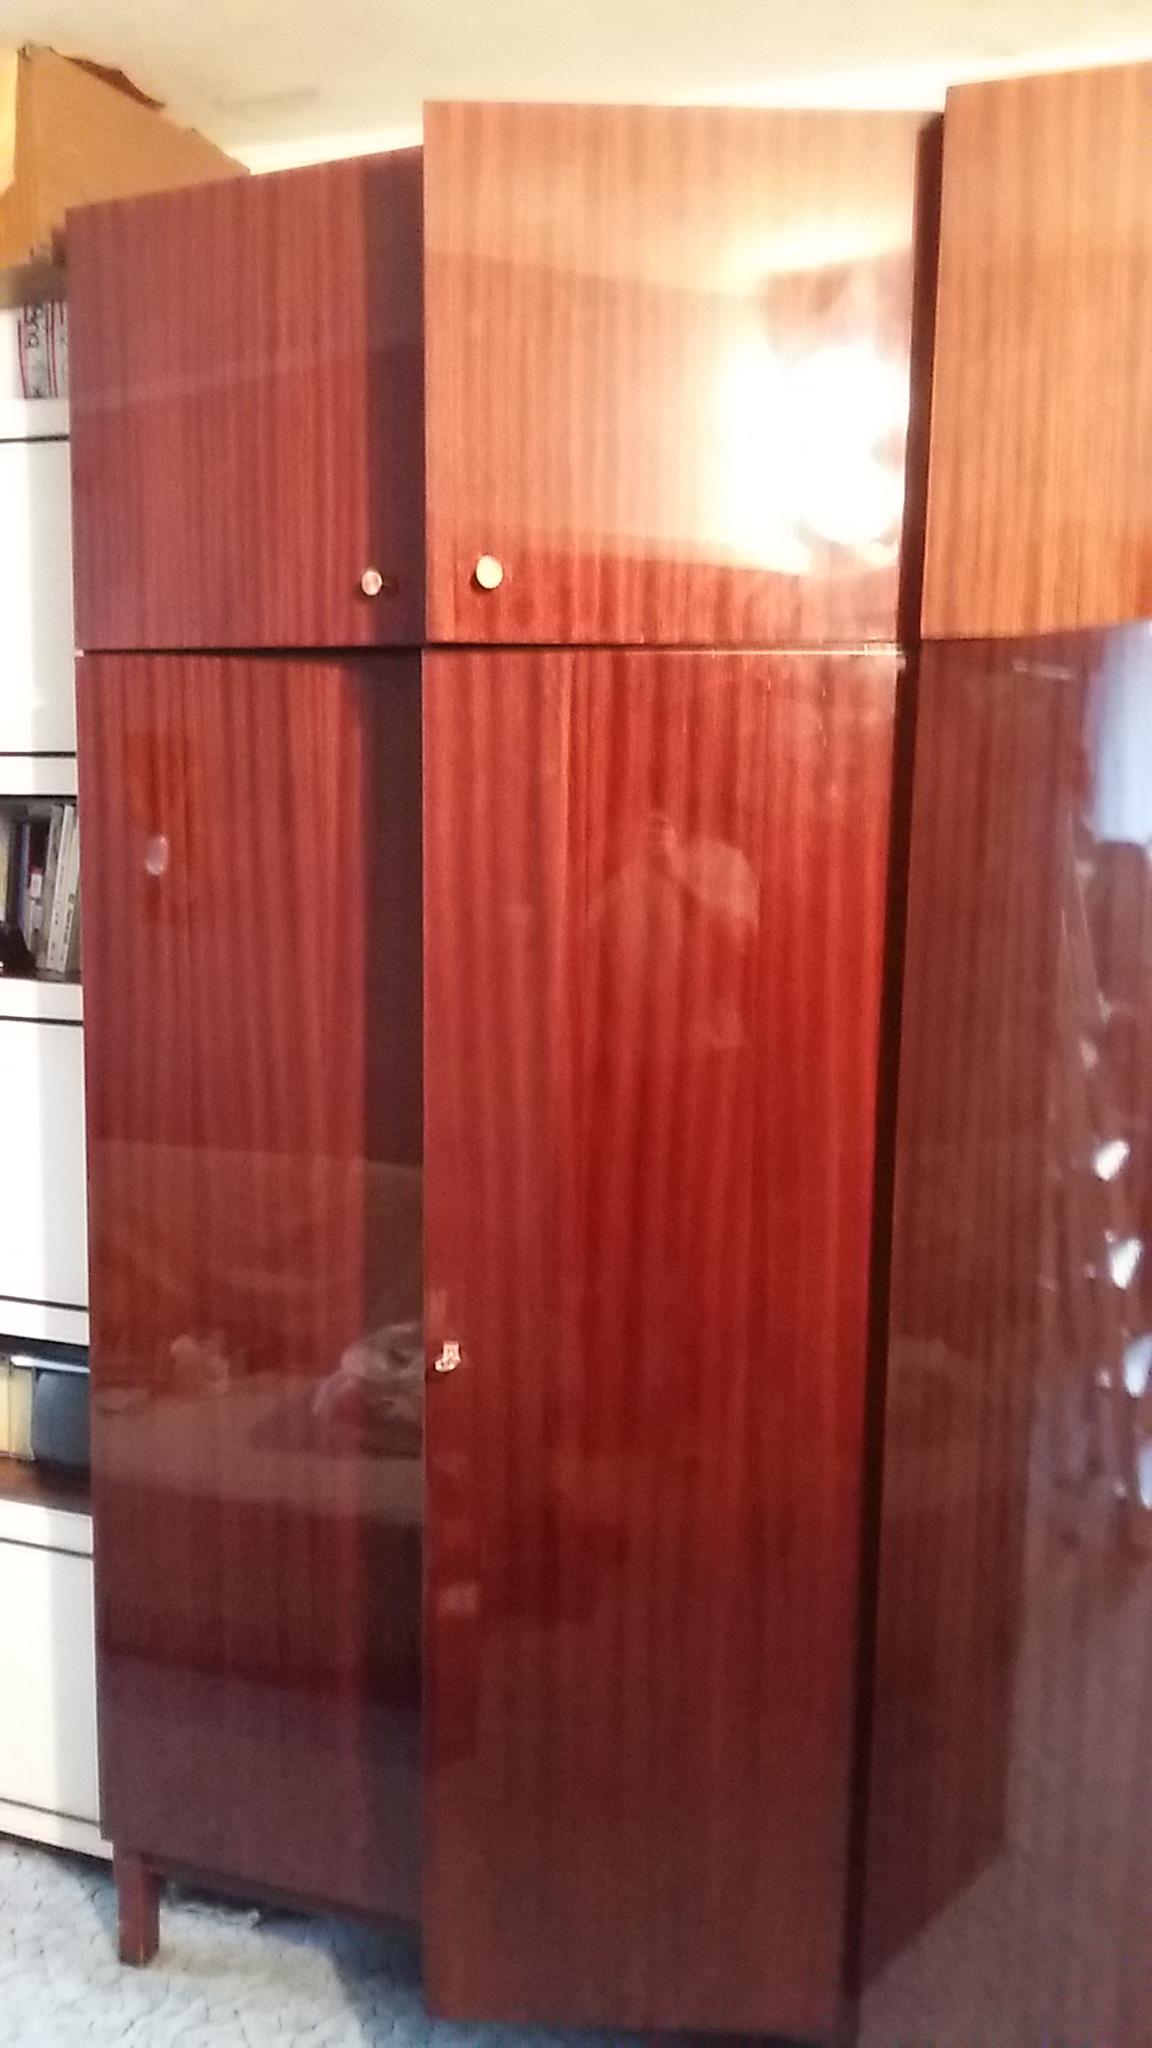 Tanie Szafy Biurowo Ubraniowe 7089939505 Oficjalne Archiwum Allegro